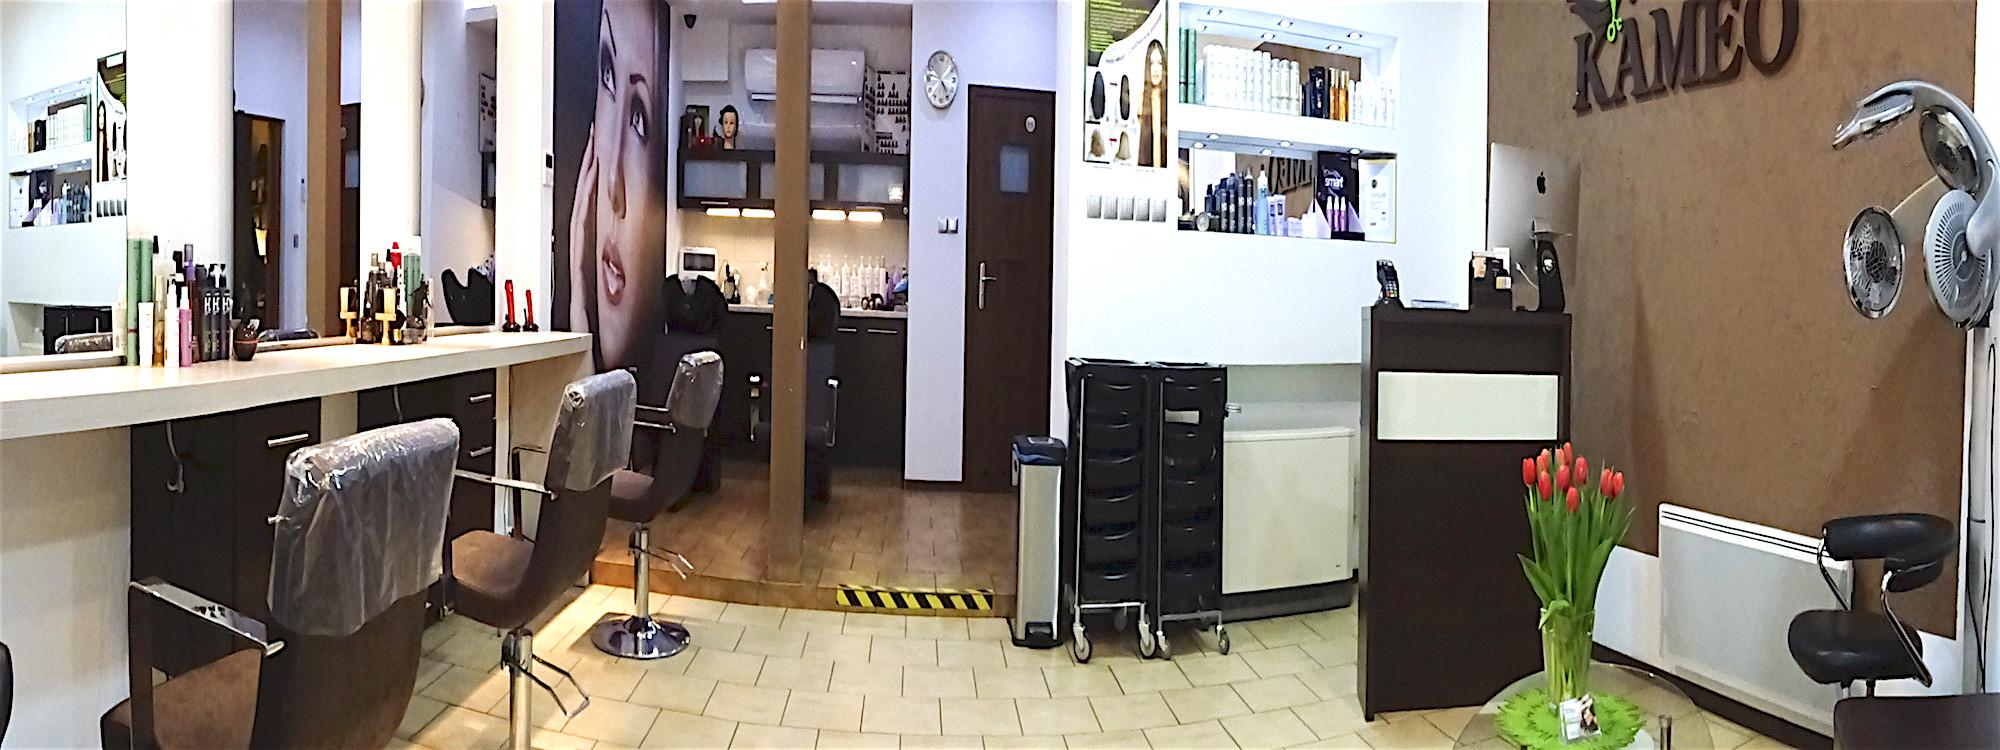 Salon Fryzjerski Kameo Fryzjer Słupsk